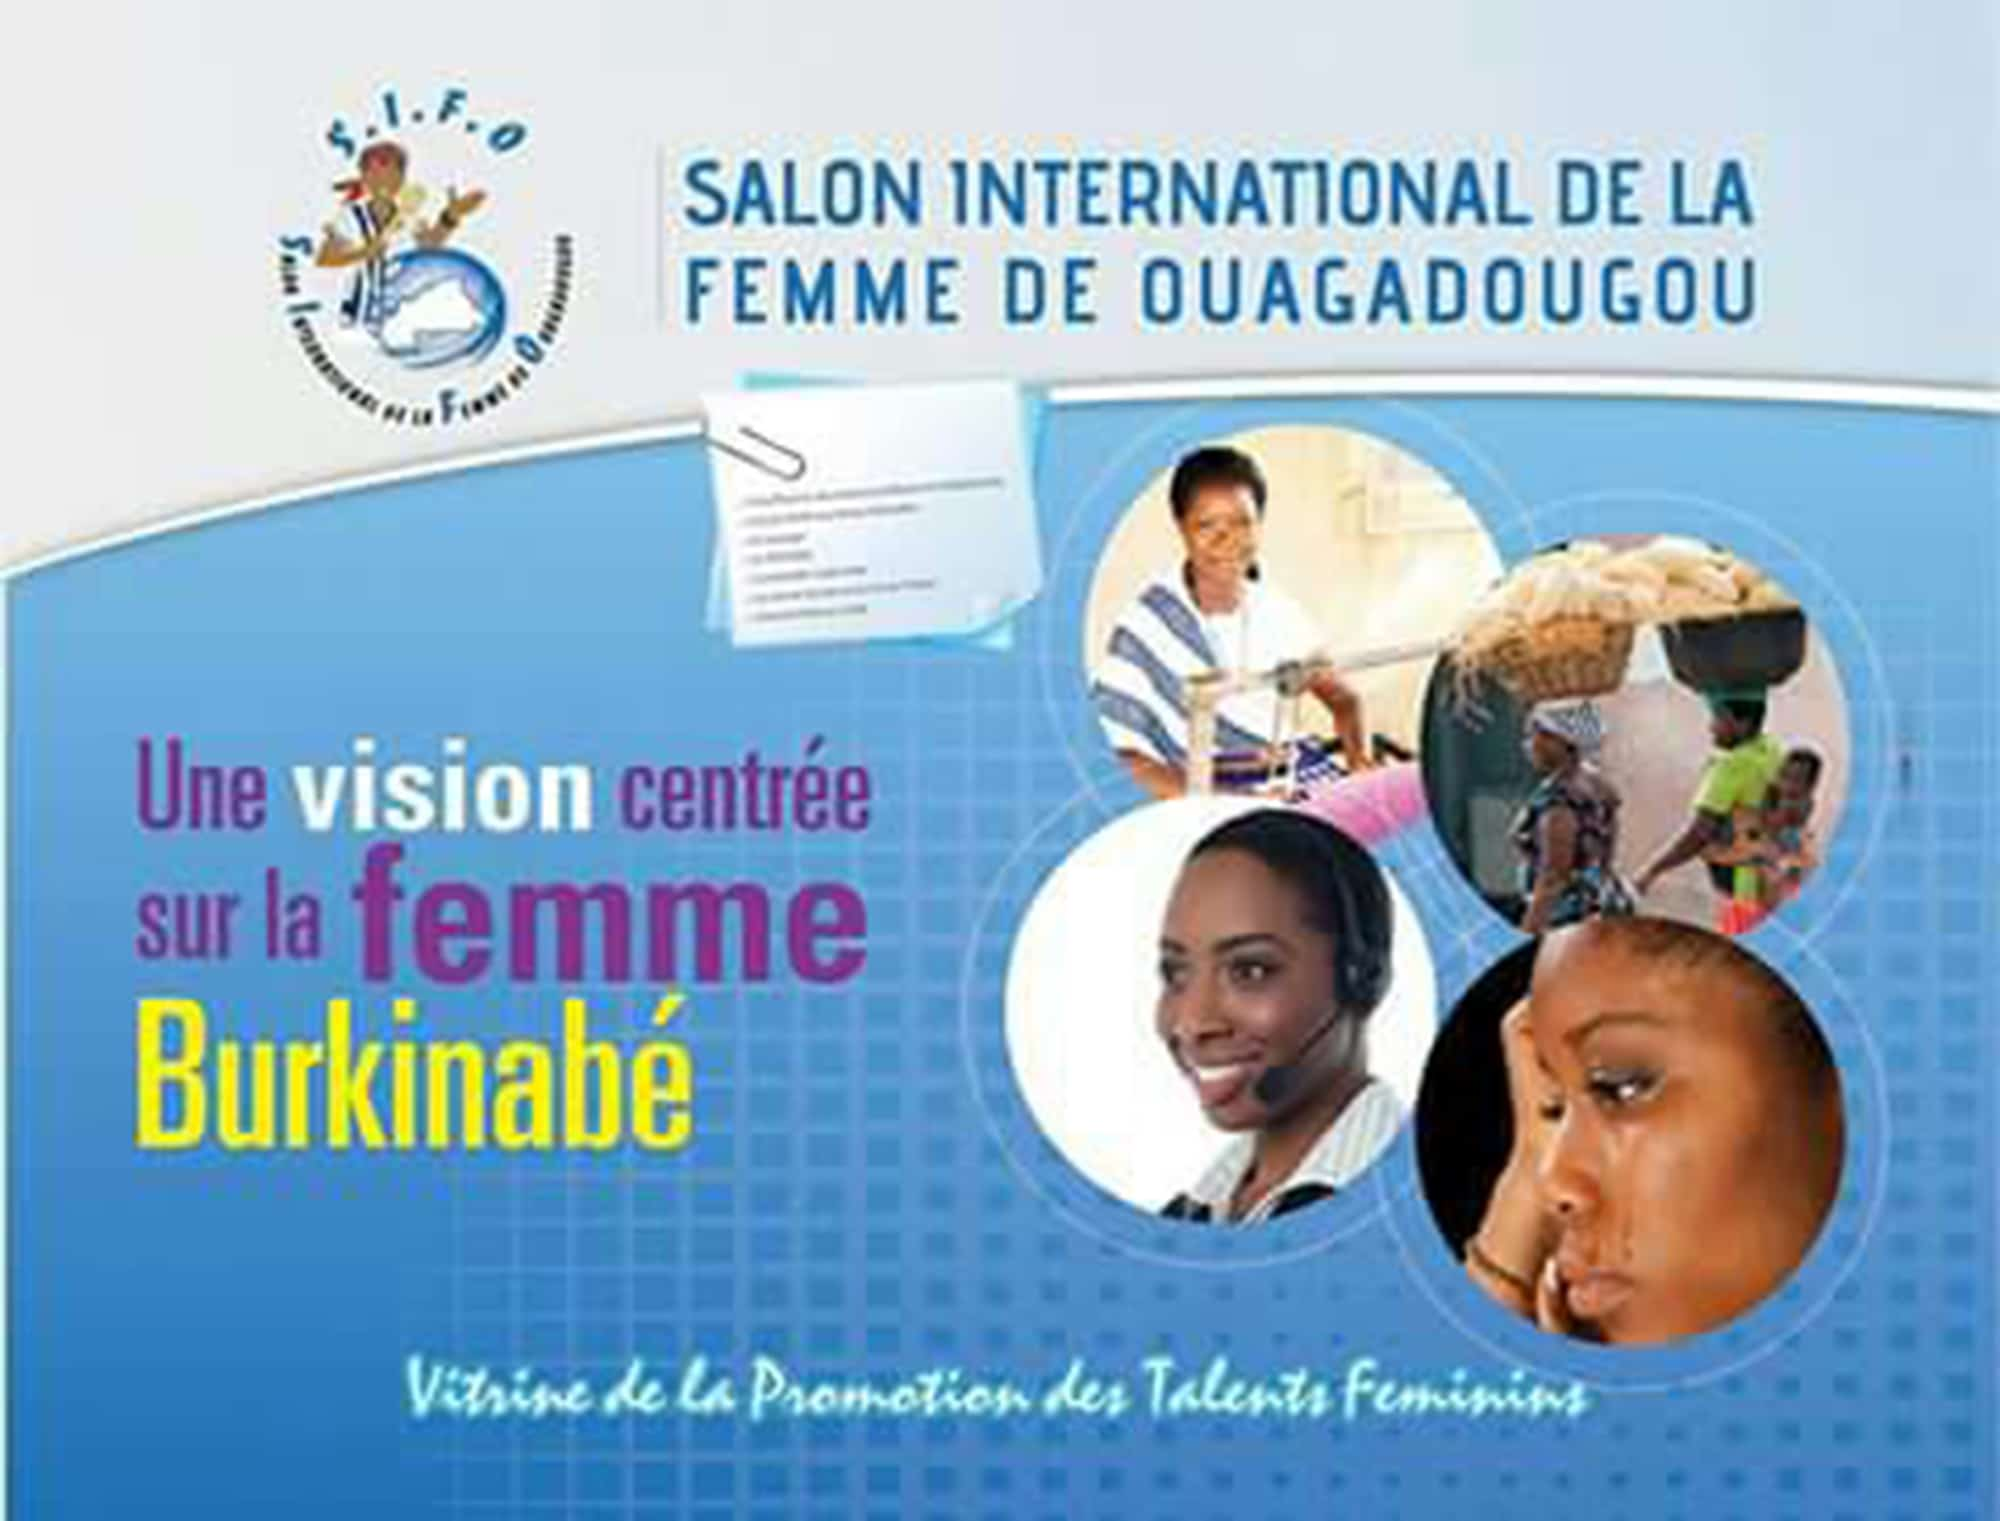 Cherche femme ouagadougou